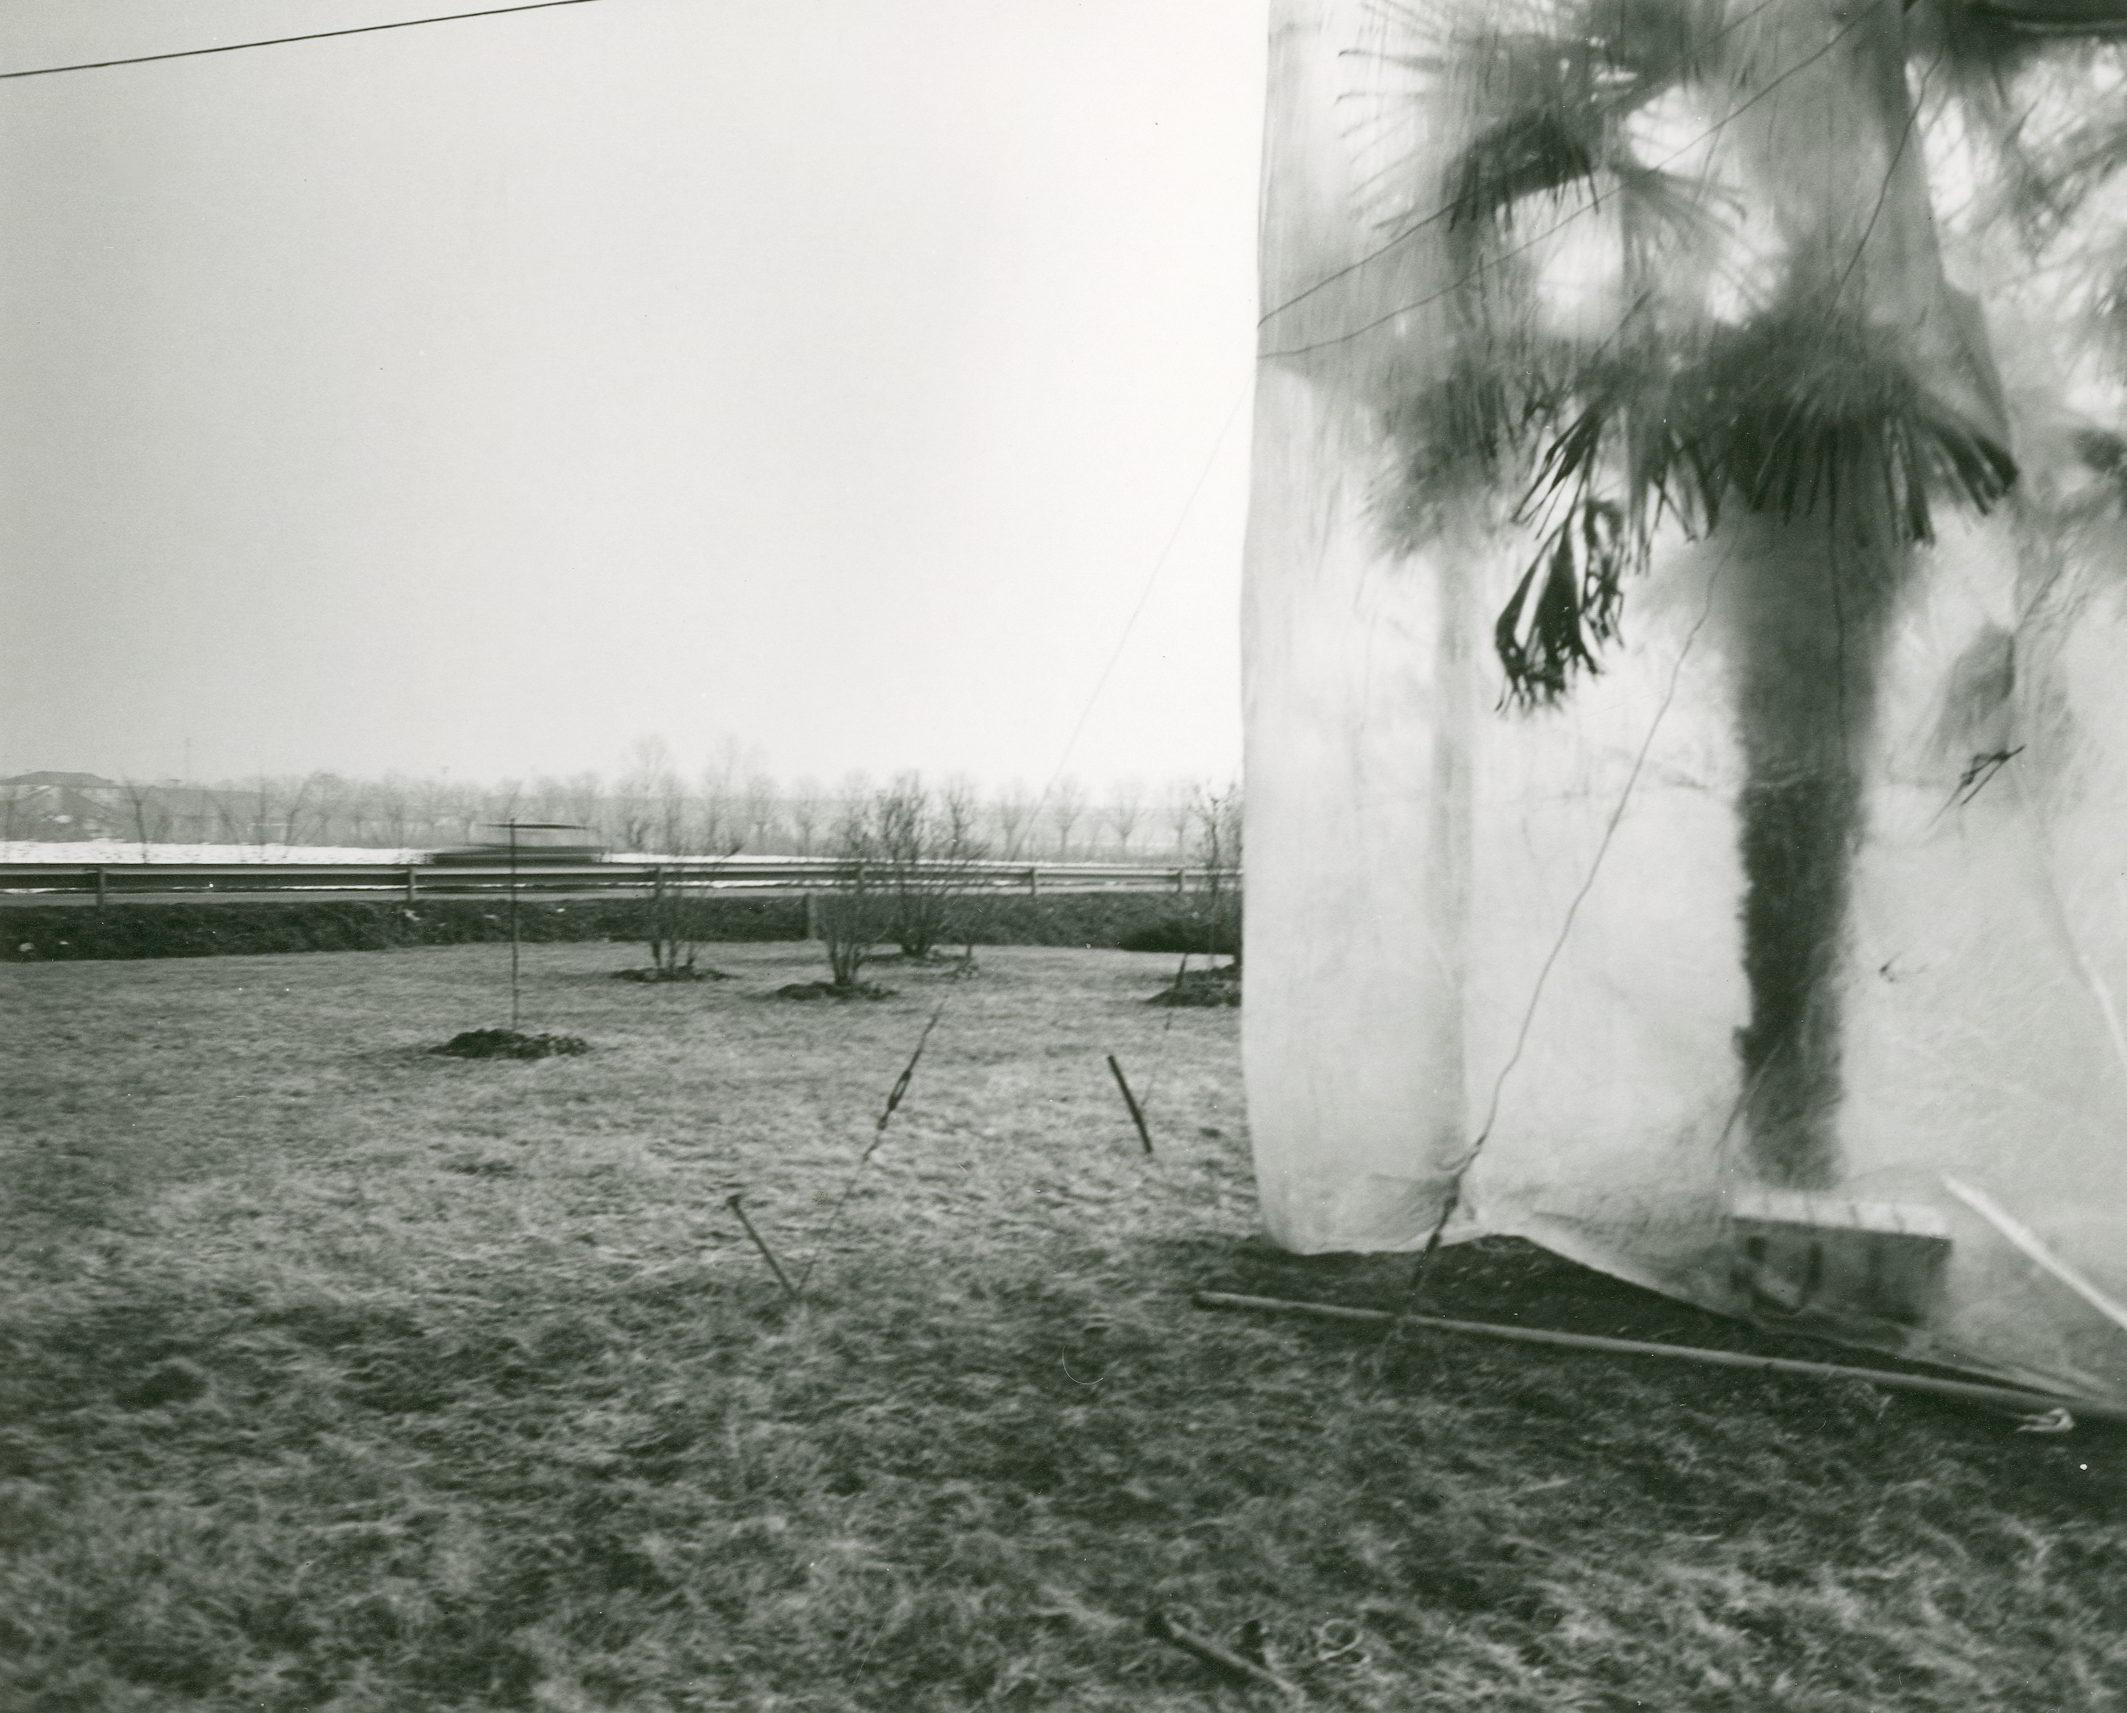 Mimmo Jodice, Via Emilia verso Reggio, 1985 © Mimmo Jodice Courtesy Biblioteca Panizzi